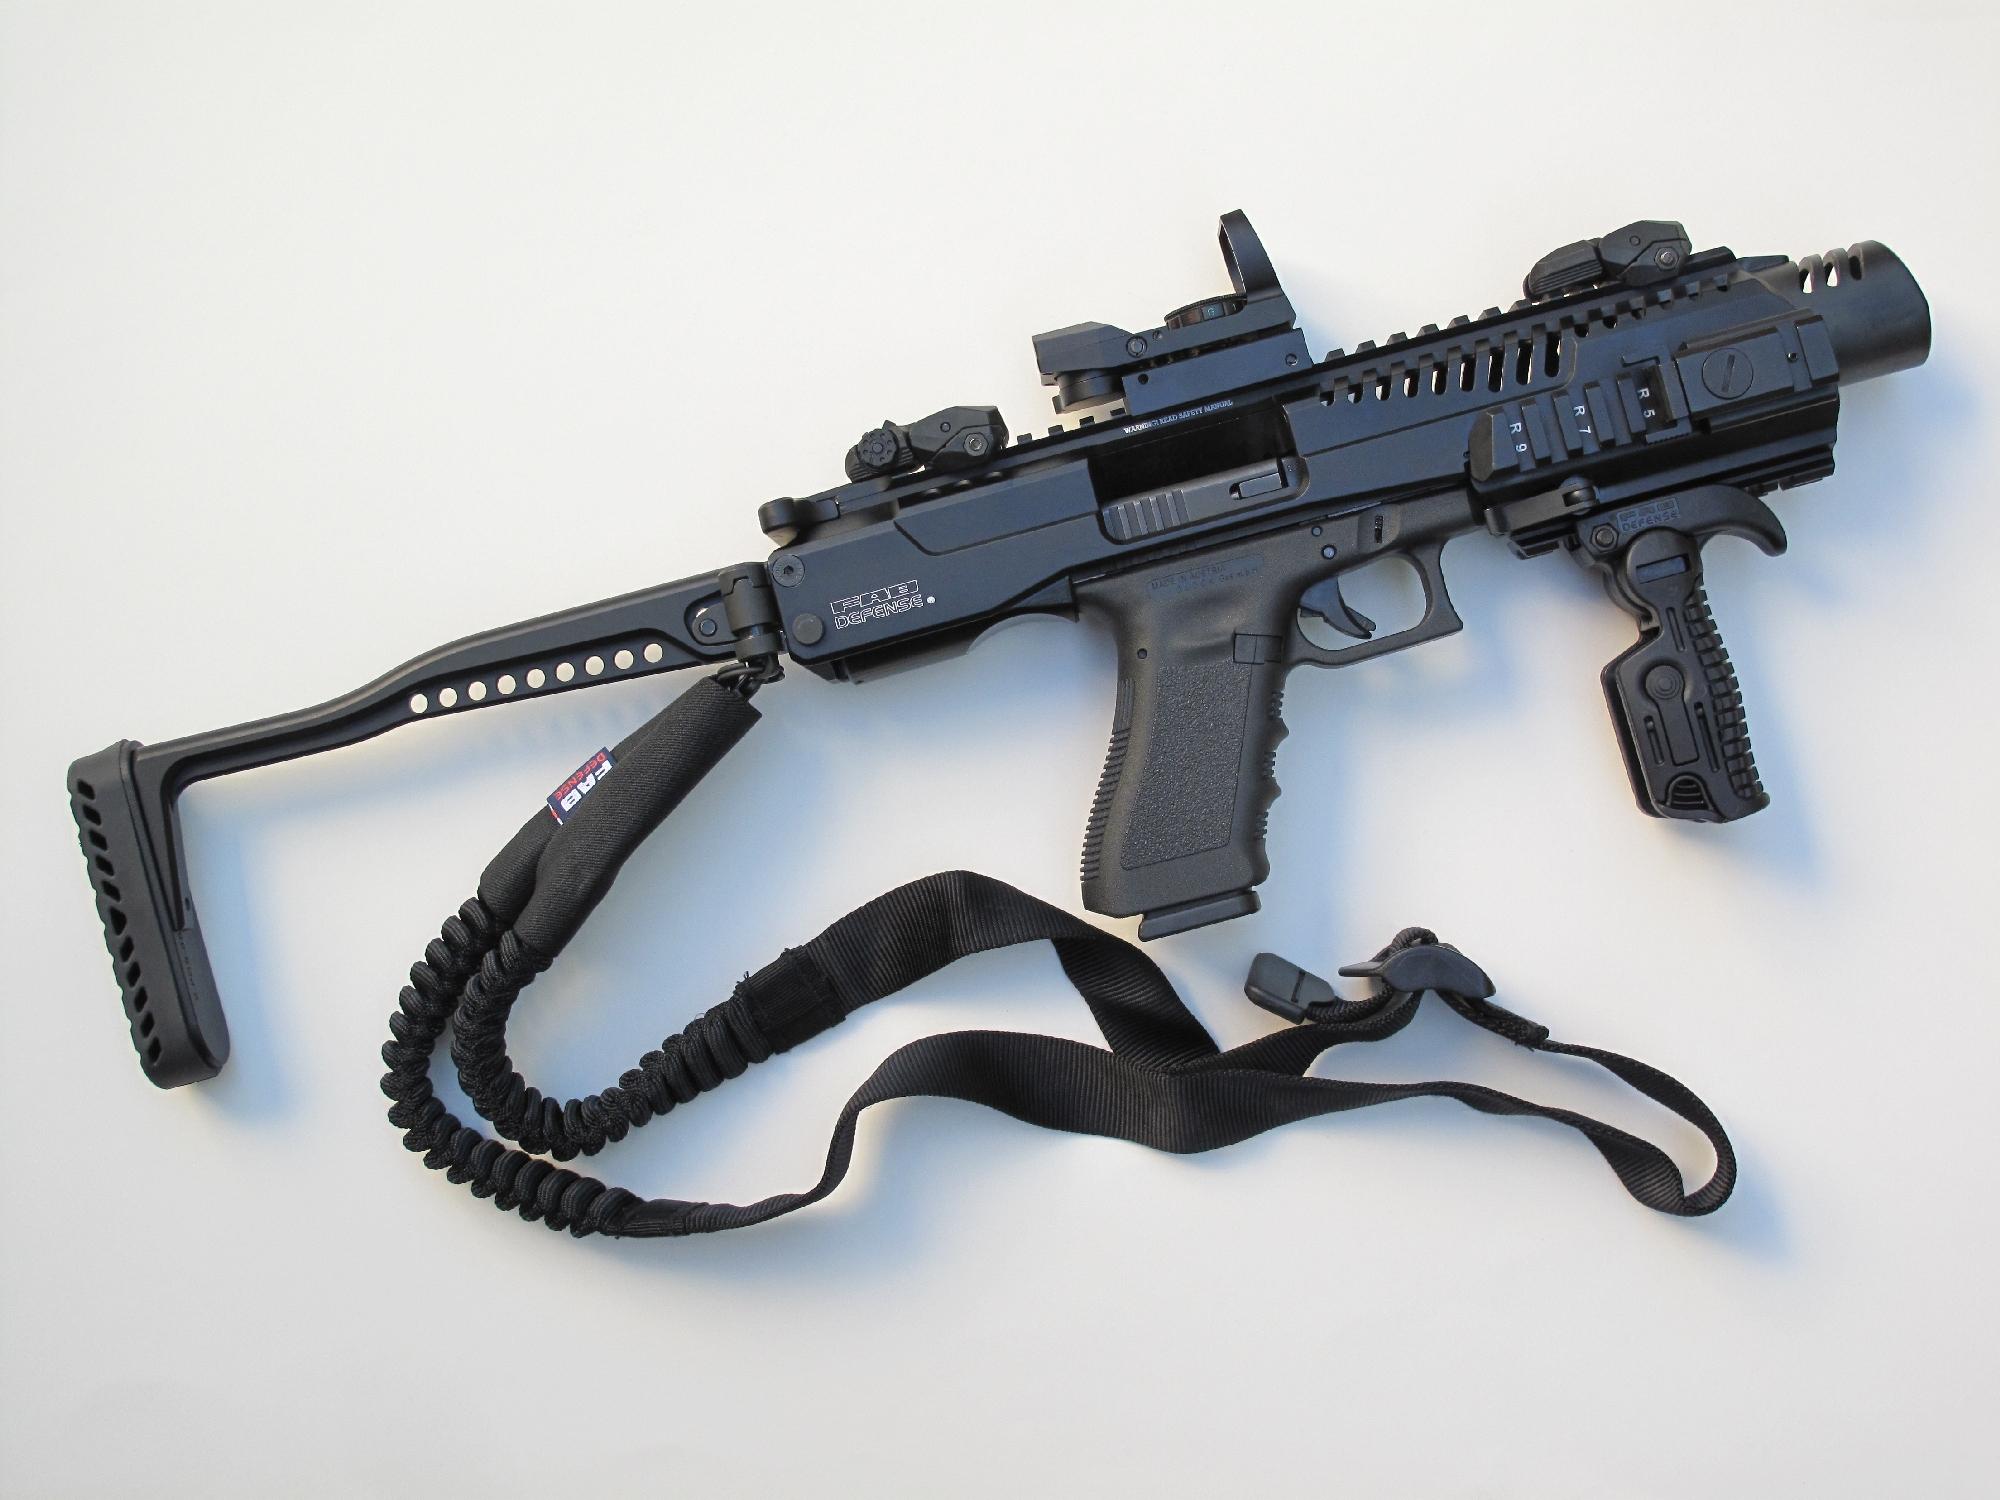 Vue du pistolet Glock 17 équipé du KPOS-G2 en position dépliée. Nous avons équipé cet ensemble d'un viseur reflex et d'un désignateur laser (fixé sur le rail latéral droit). On notera la parfaite concordance (absolute co-witness) entre les éléments de visée mécaniques et le viseur holographique, la ligne de visée passant par le point lumineux.